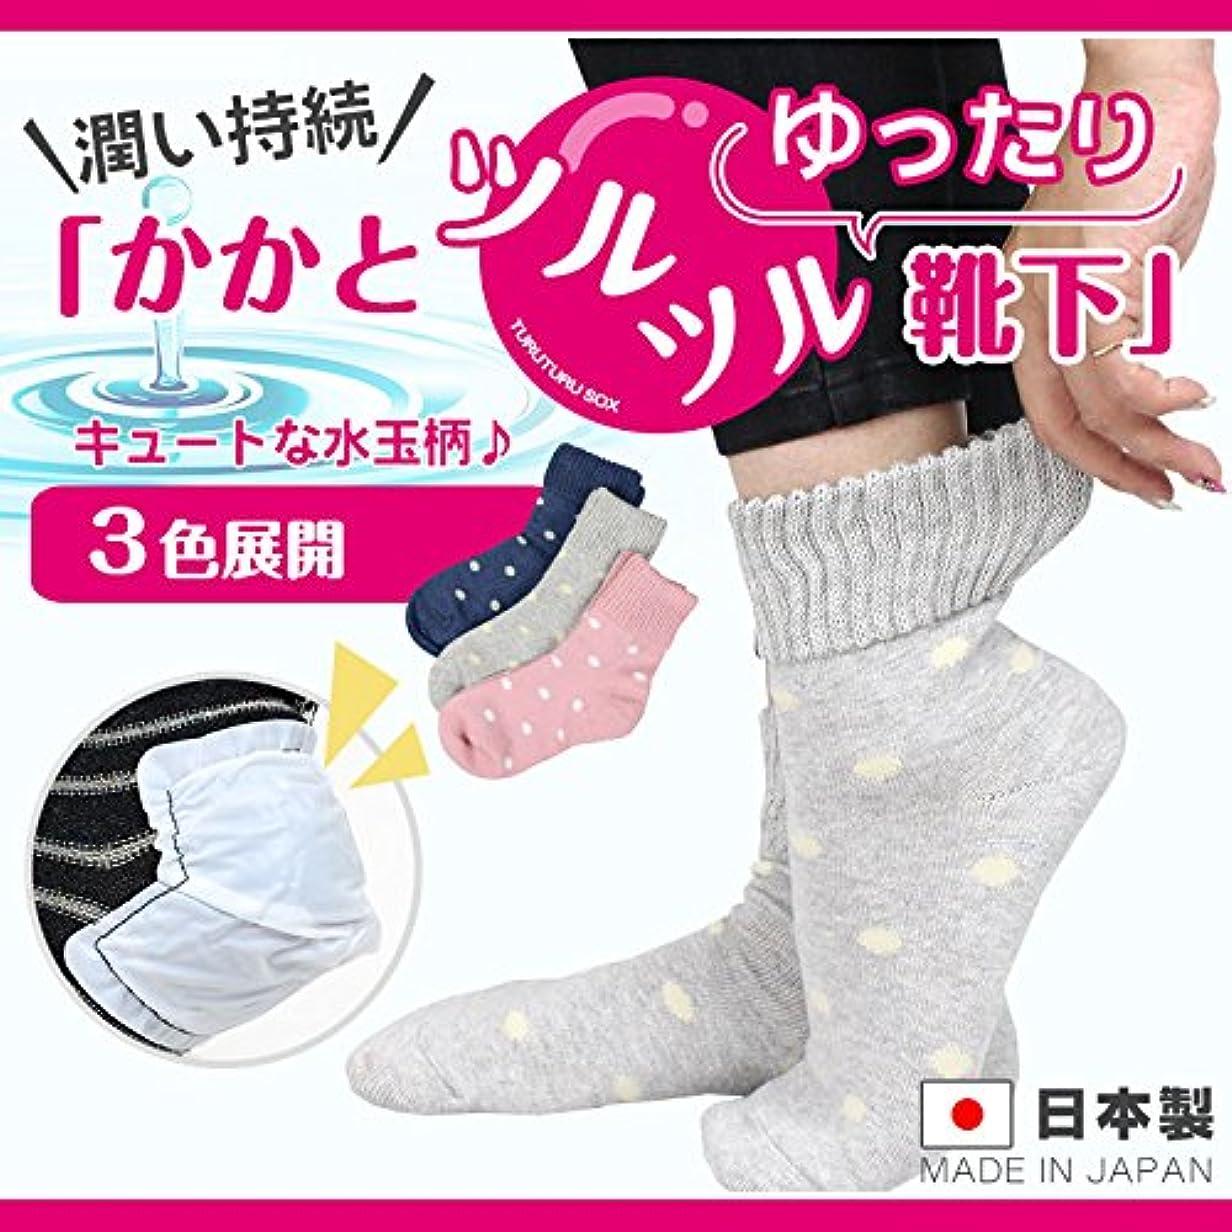 ヒューマニスティック韓国語オーロックかかと ツルツル 靴下 薄手 ゆったり 水玉柄 かかと 角質 ケア ひび割れ 対策 23-25cm 太陽ニット592 (グレー)